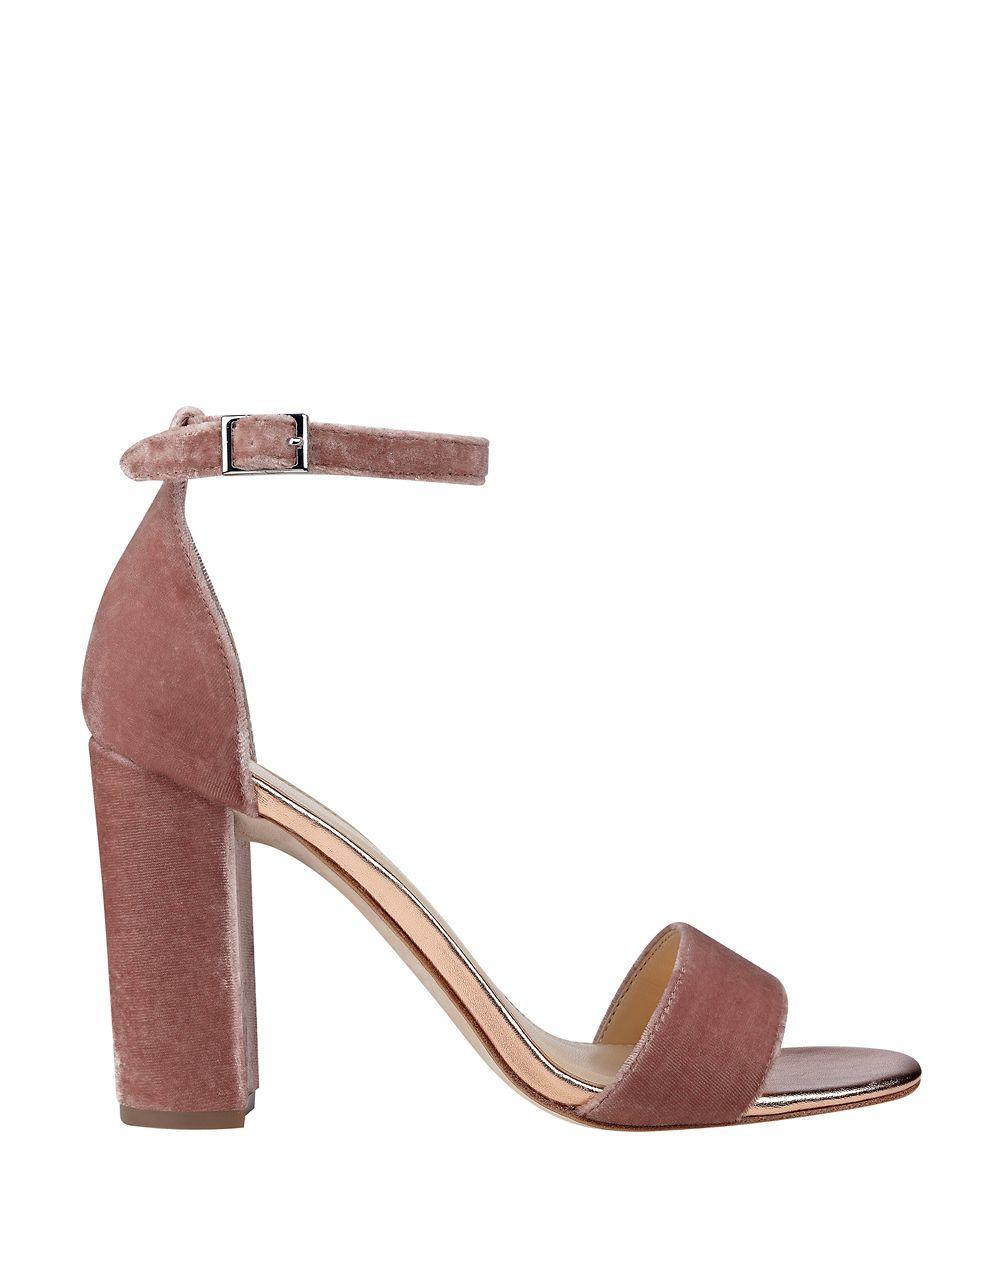 92e4bce9429 Lyst - Ivanka Trump Klover Velvet Ankle Strap Sandals in Pink